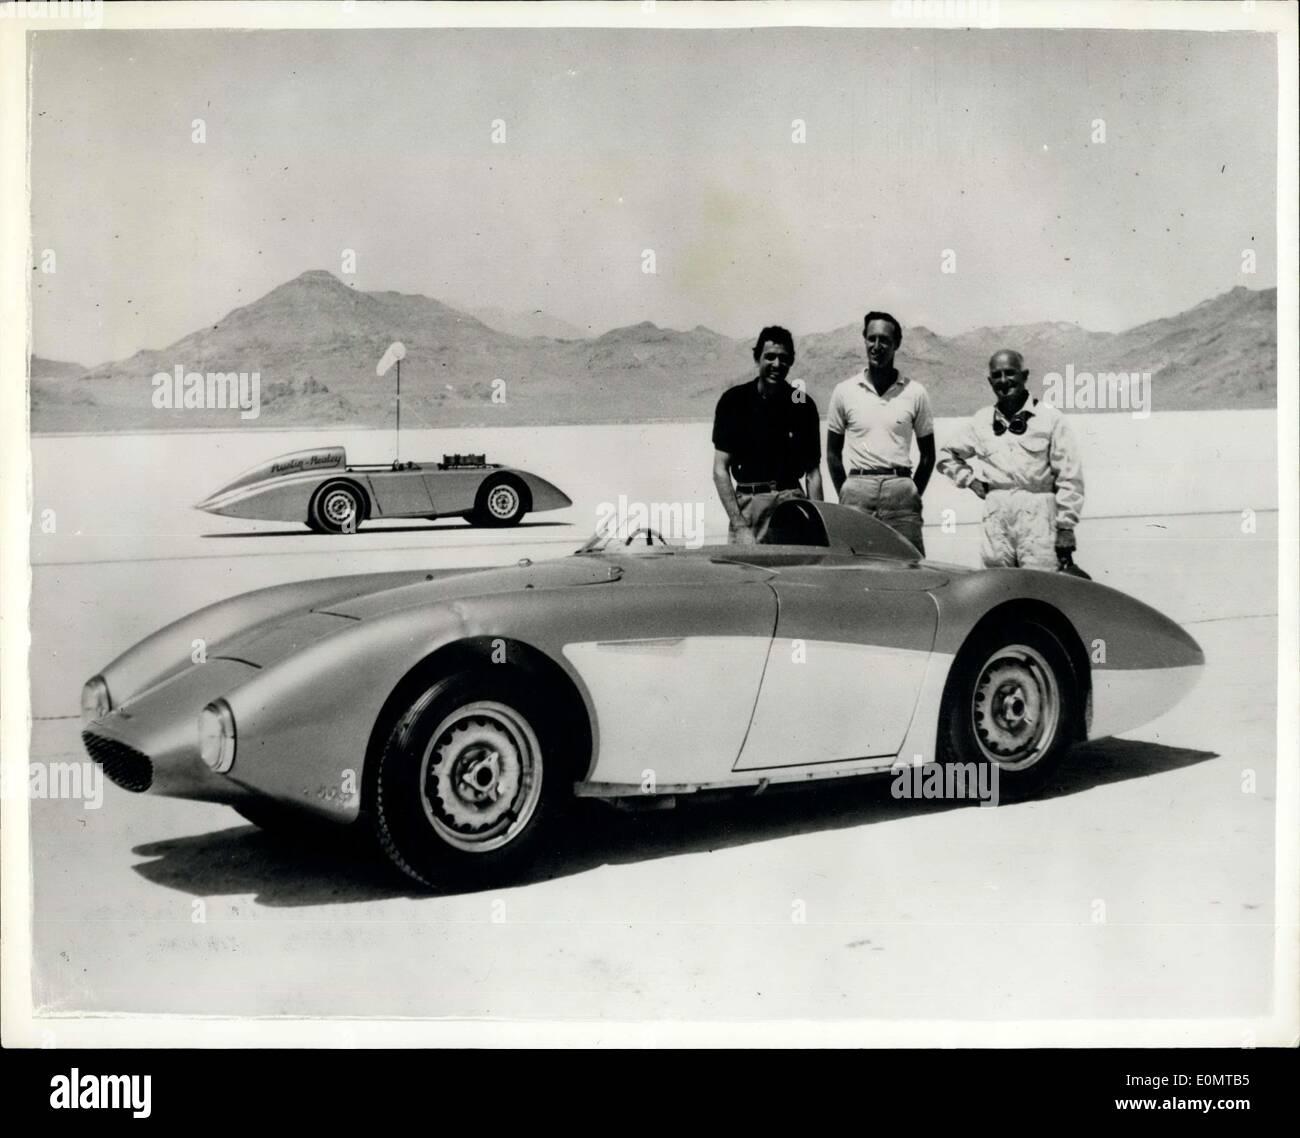 """17. August 1956 - bricht Austin-Healey sechzehnjährige Geschwindigkeitsrekorde bei Verkauf von Lake Bonneville. Mit Herrn Roy Jackson-Moore von Los Angeles an die Rad-dies geändert Austin-Healey hundert vor kurzem brach Internatinoal Klasse hatte """"und amerikanische Rekorde am Salzsee von Bonneville, Utah, U.S.A., das Auto 200 Meilen bei 152.51 mph und 500 Kilometer im Jahr 1940. Das Auto ist im Grunde ein standard Austin Healey 100 Chassis und Karosserie leicht modifiziert, zur Anpassung an ein Einsitzer und Streamline Eigenschaften zu verbessern. Das Auto ist mit Dunlop-Scheibenbremsen, Scheibenräder und high-Speed-Reifen ausgestattet. Stockbild"""